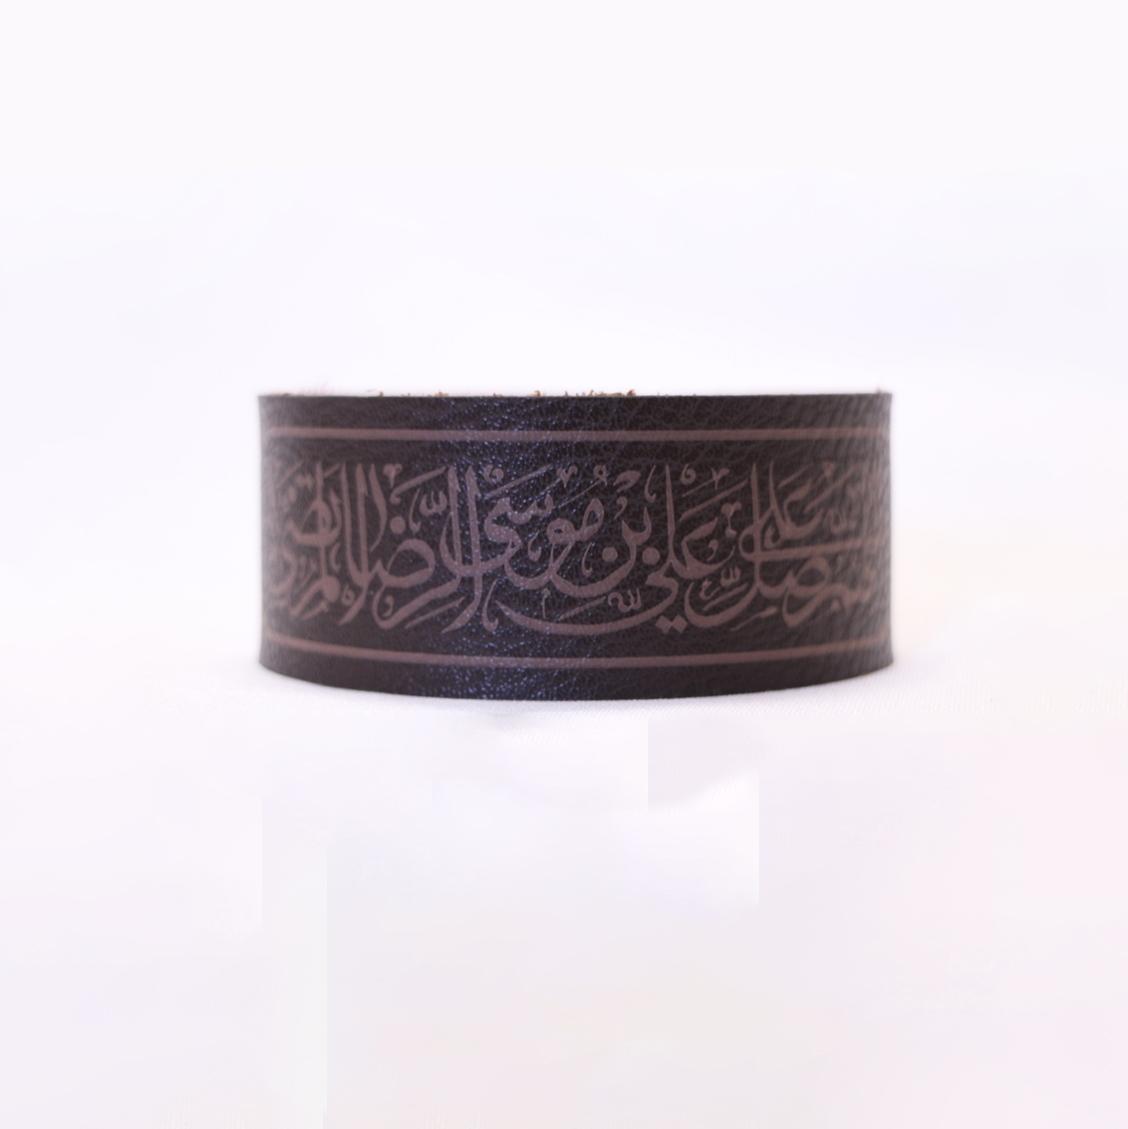 تصویر از دستبند چرمی طرح «صلوات علی بن موسی الرضا» چاپ فایور